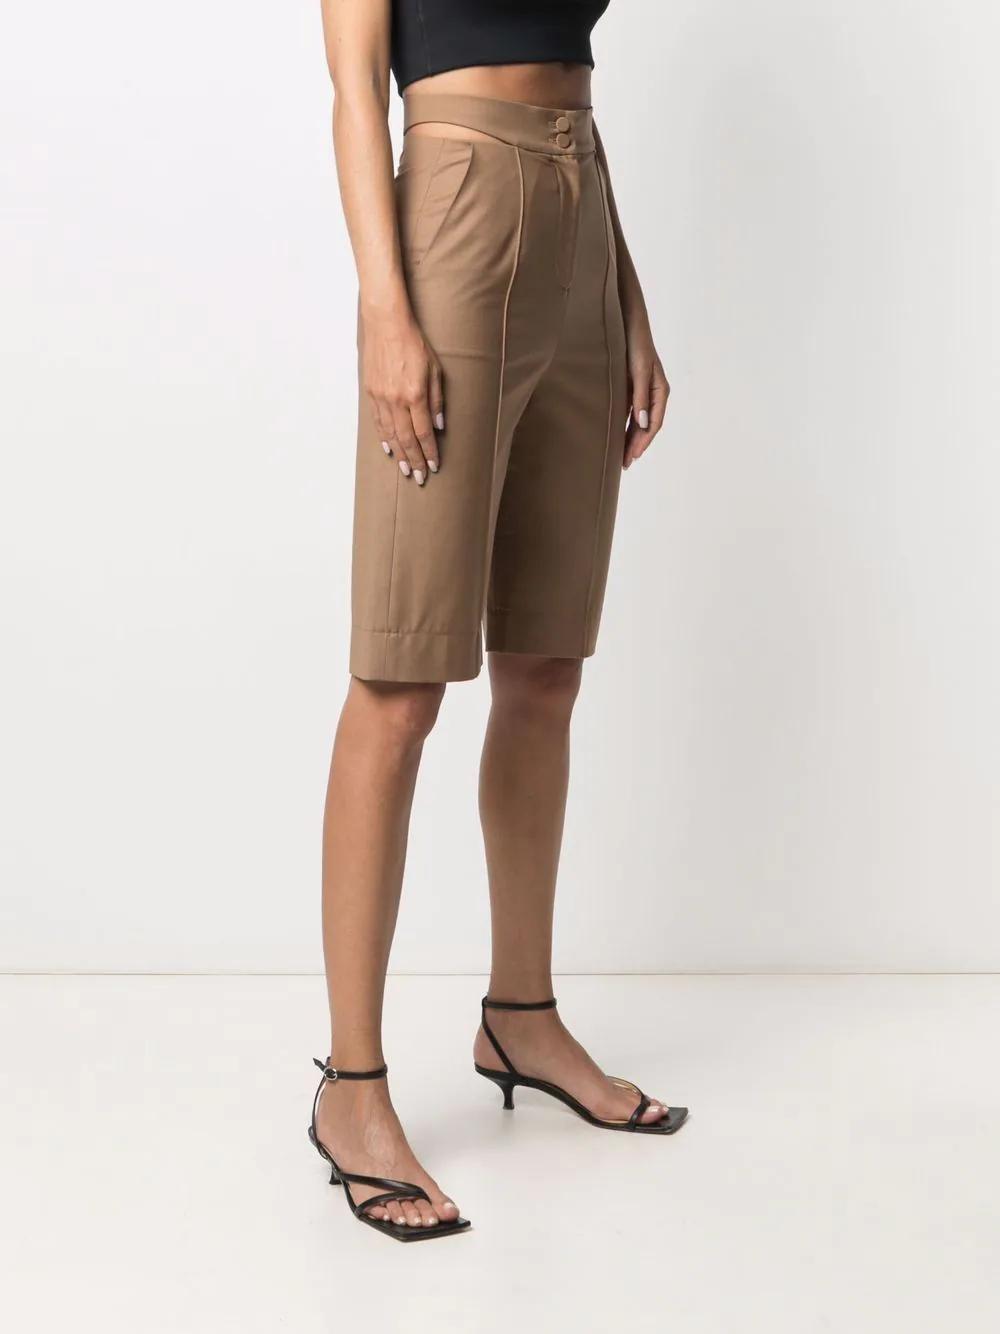 Materiel Cut-out Knee-length Shorts 774лв